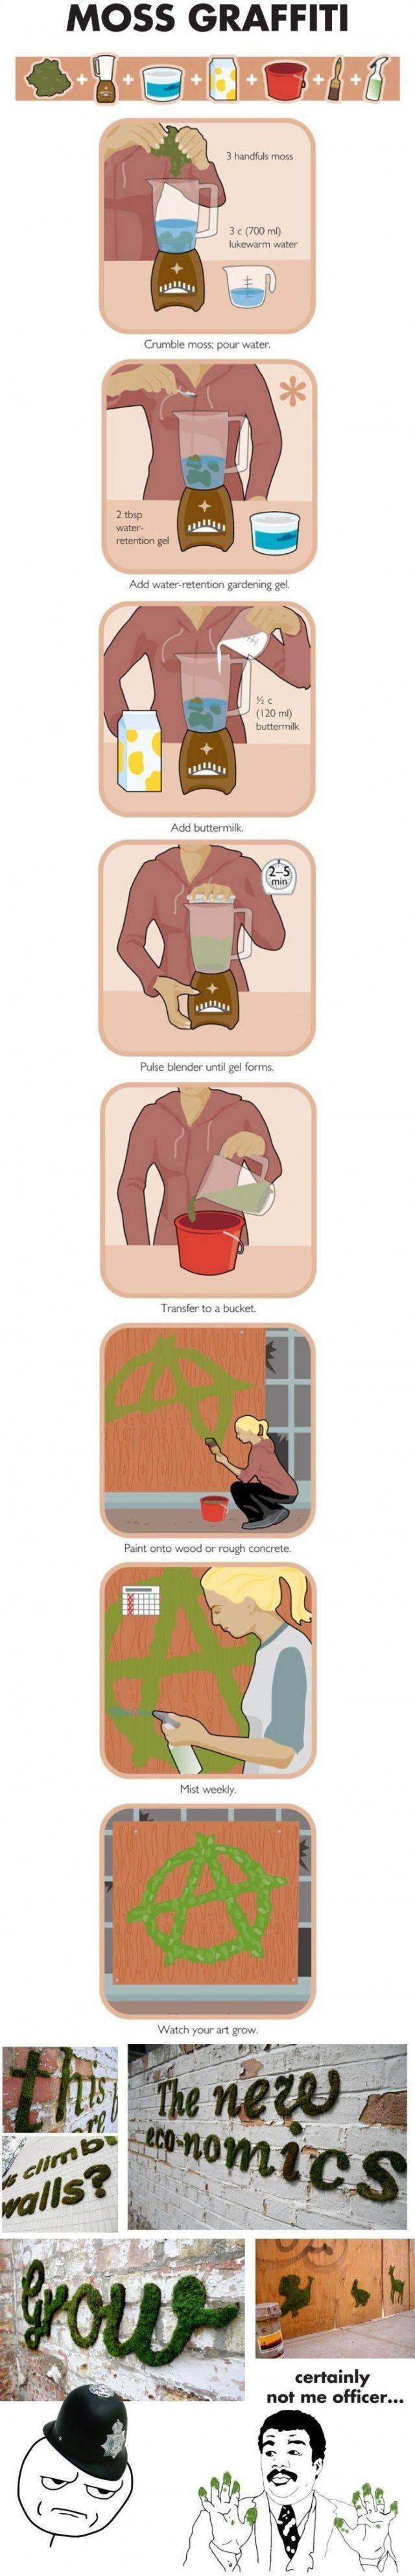 Moss graffiti! #infographic #hack #wall